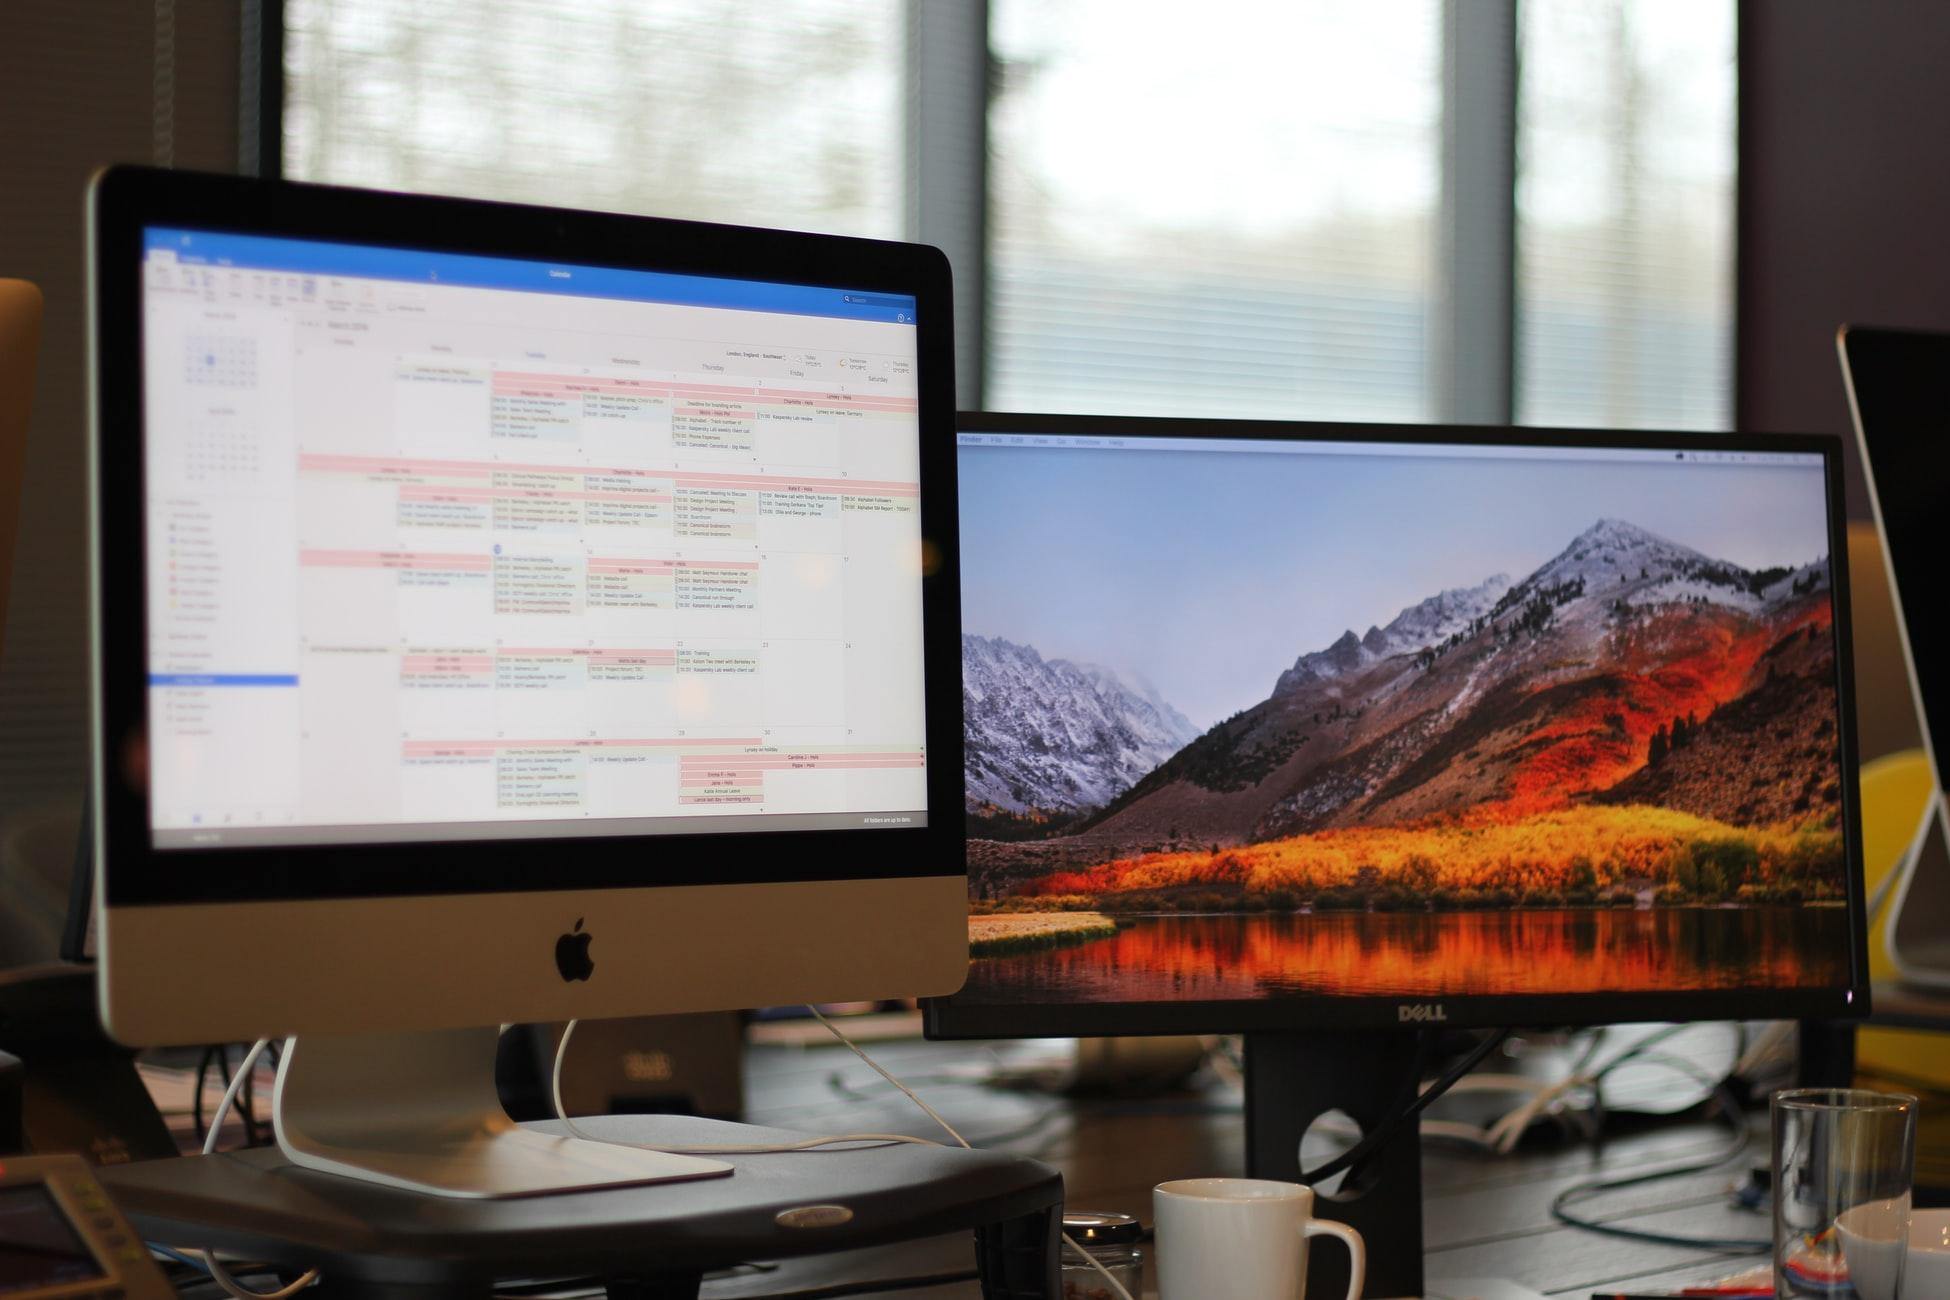 Mehrere Bildschirme oder Fenster gleichzeitig nutzen